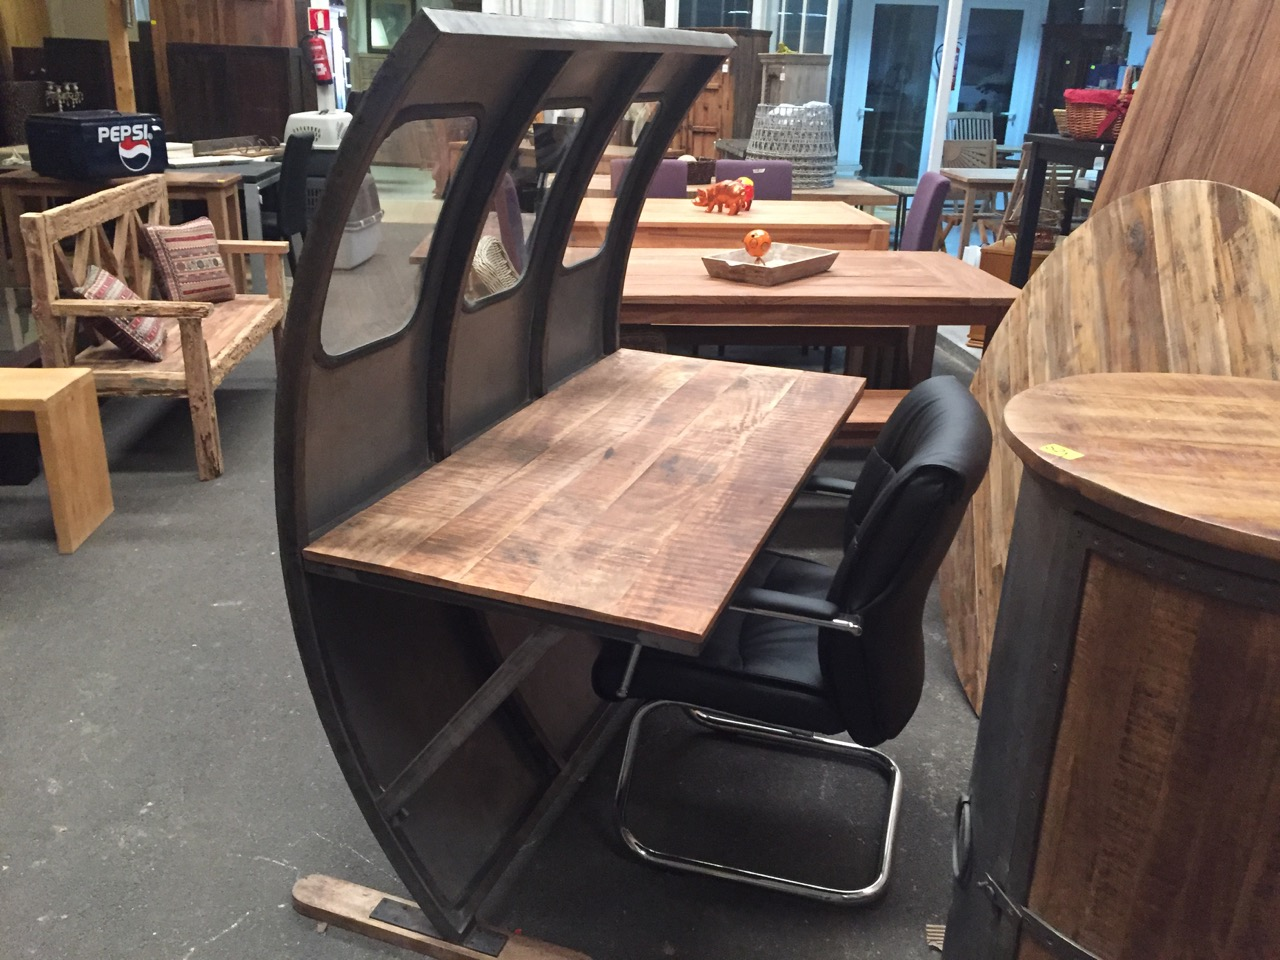 Schreibtisch der superlative flugzeug teakshop llucmajor for Dekoartikel aus holland